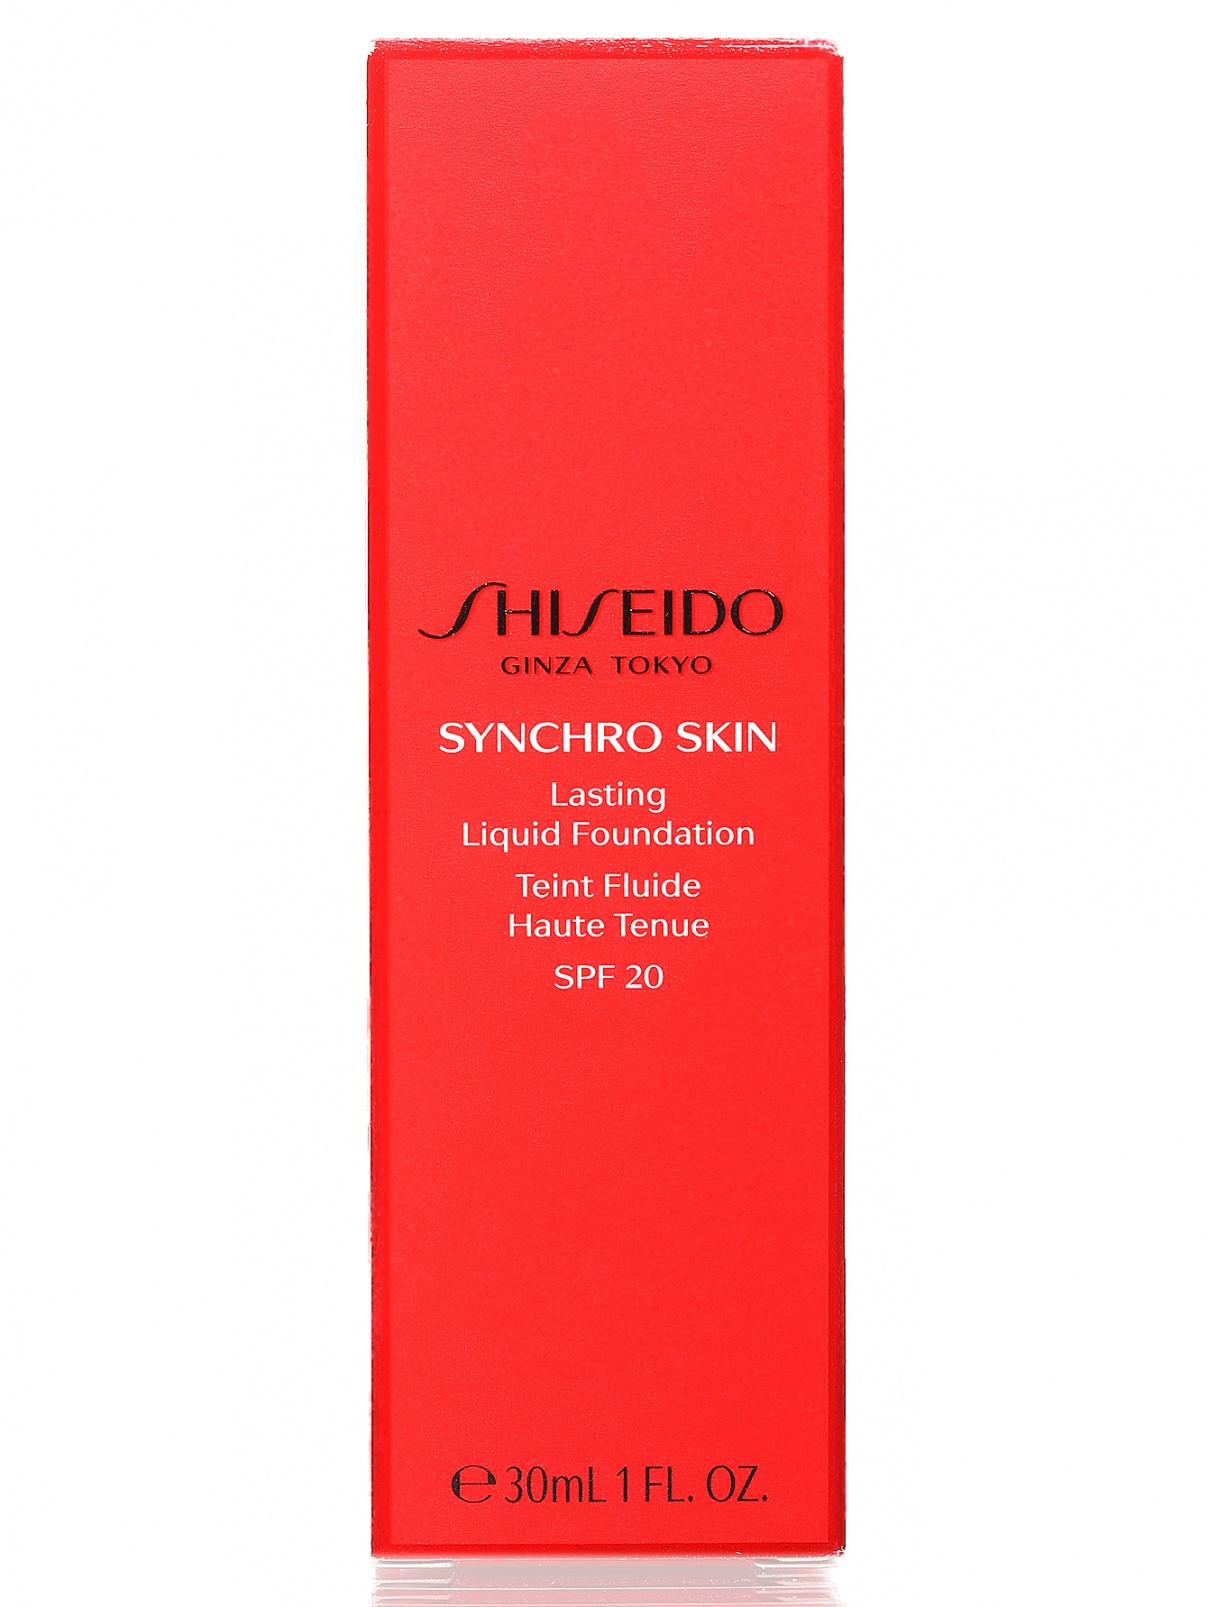 Тональное средство - Golden 3, Synchro Skin, 30ml Shiseido  –  Модель Общий вид